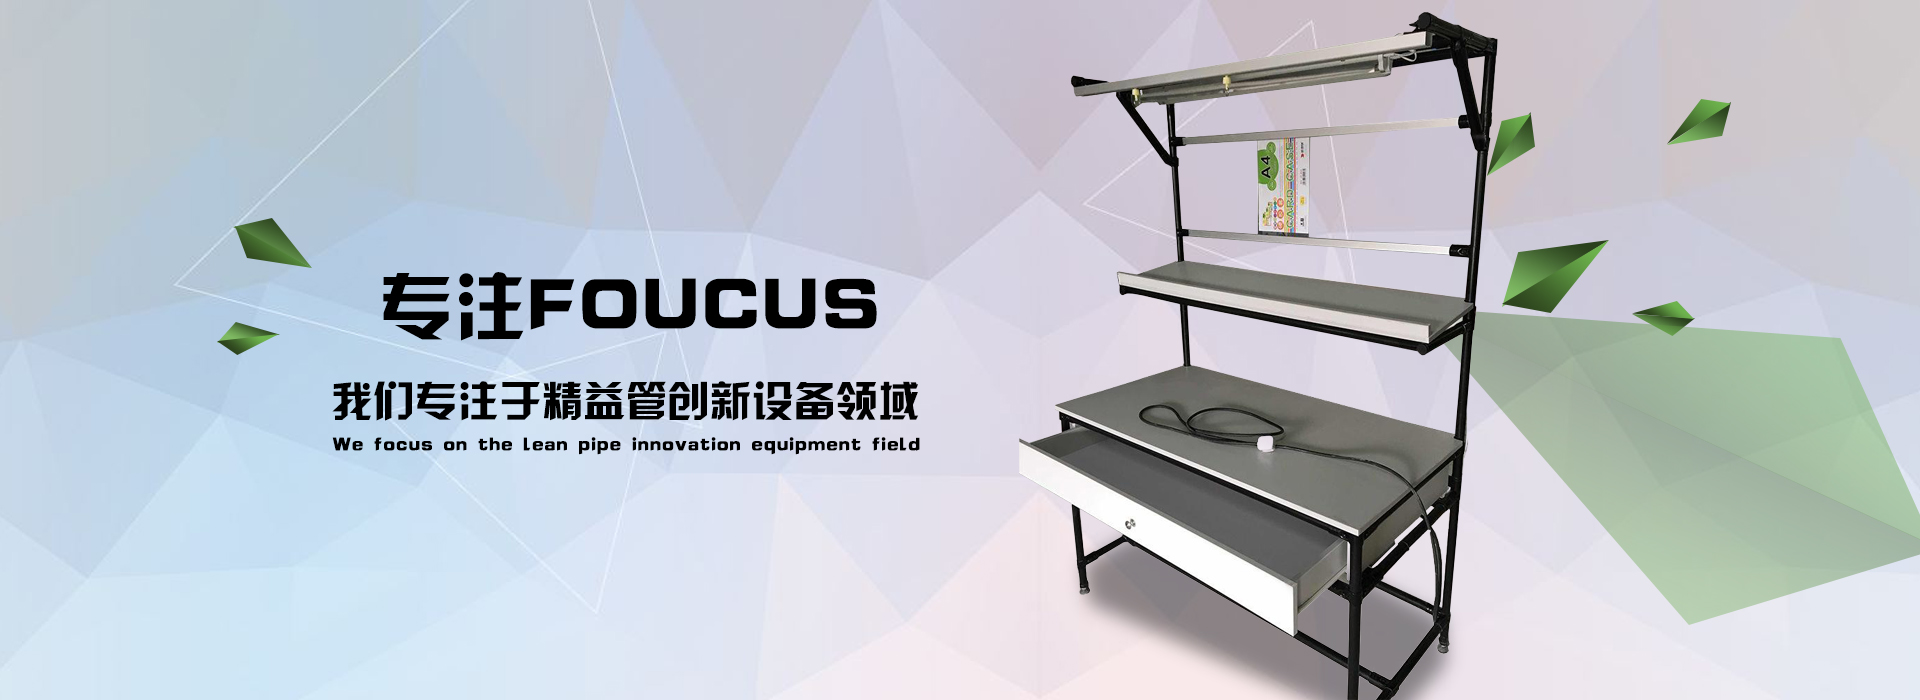 福州品鉴自动化设备有限公司